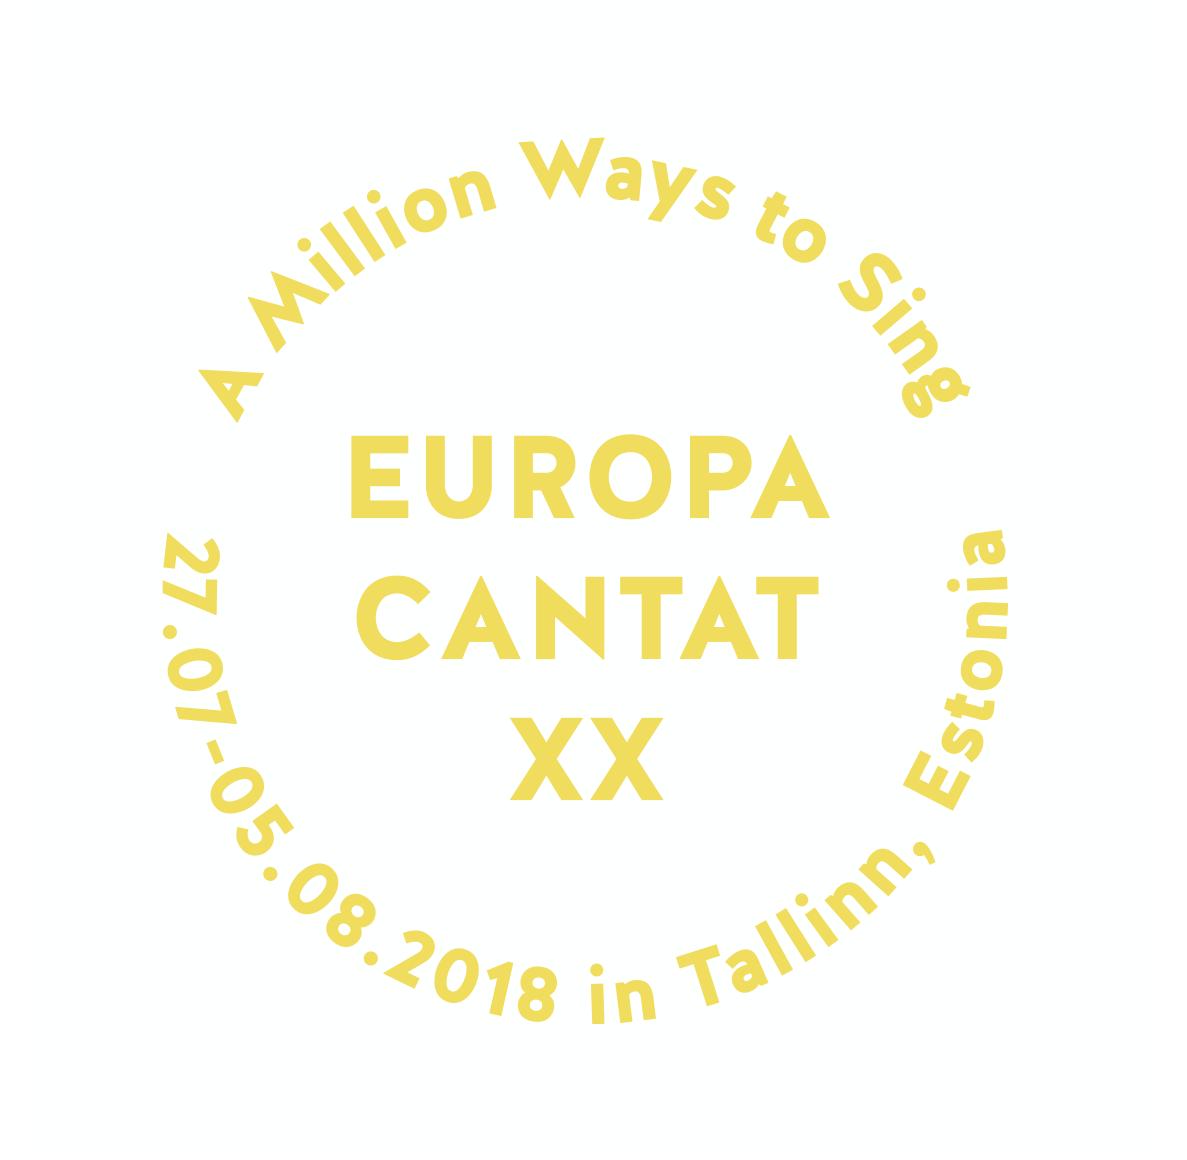 EC Festival XX Tallinn